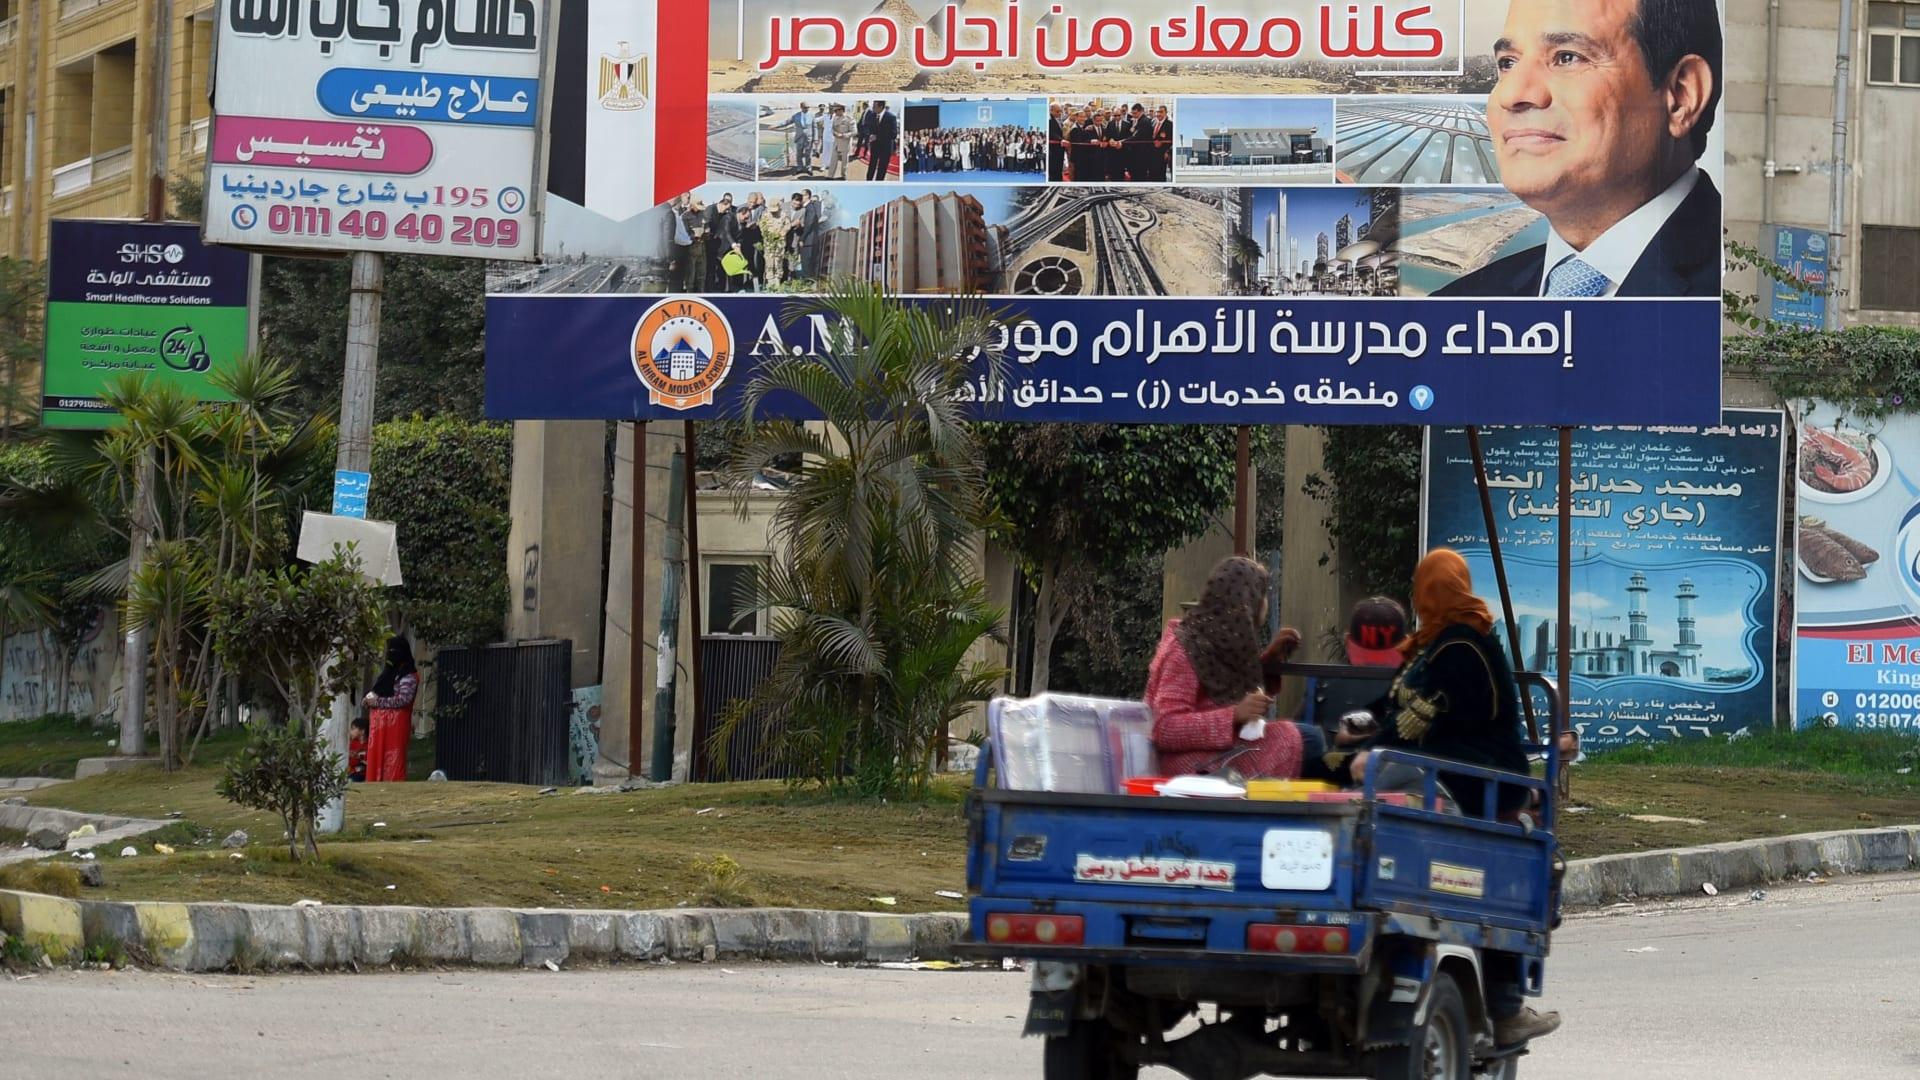 حملة السيسي: لا نتحمل مسؤولية غياب المنافسين بانتخابات الرئاسة